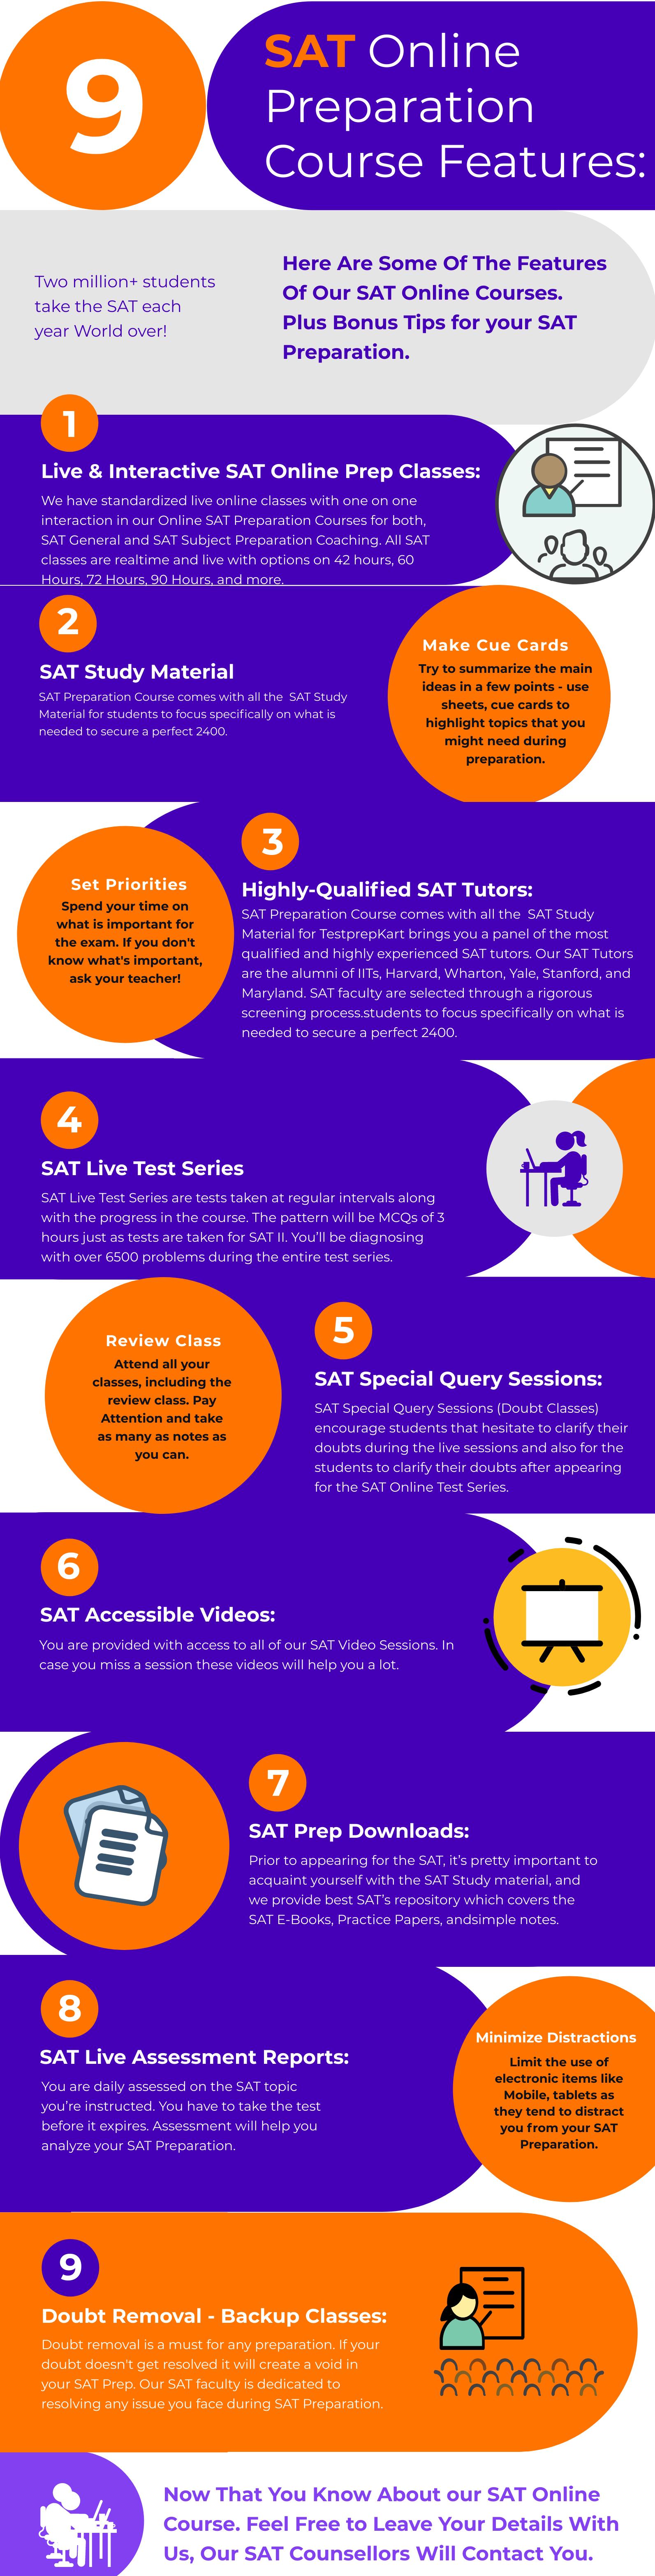 SAT Online Course Details Infographic